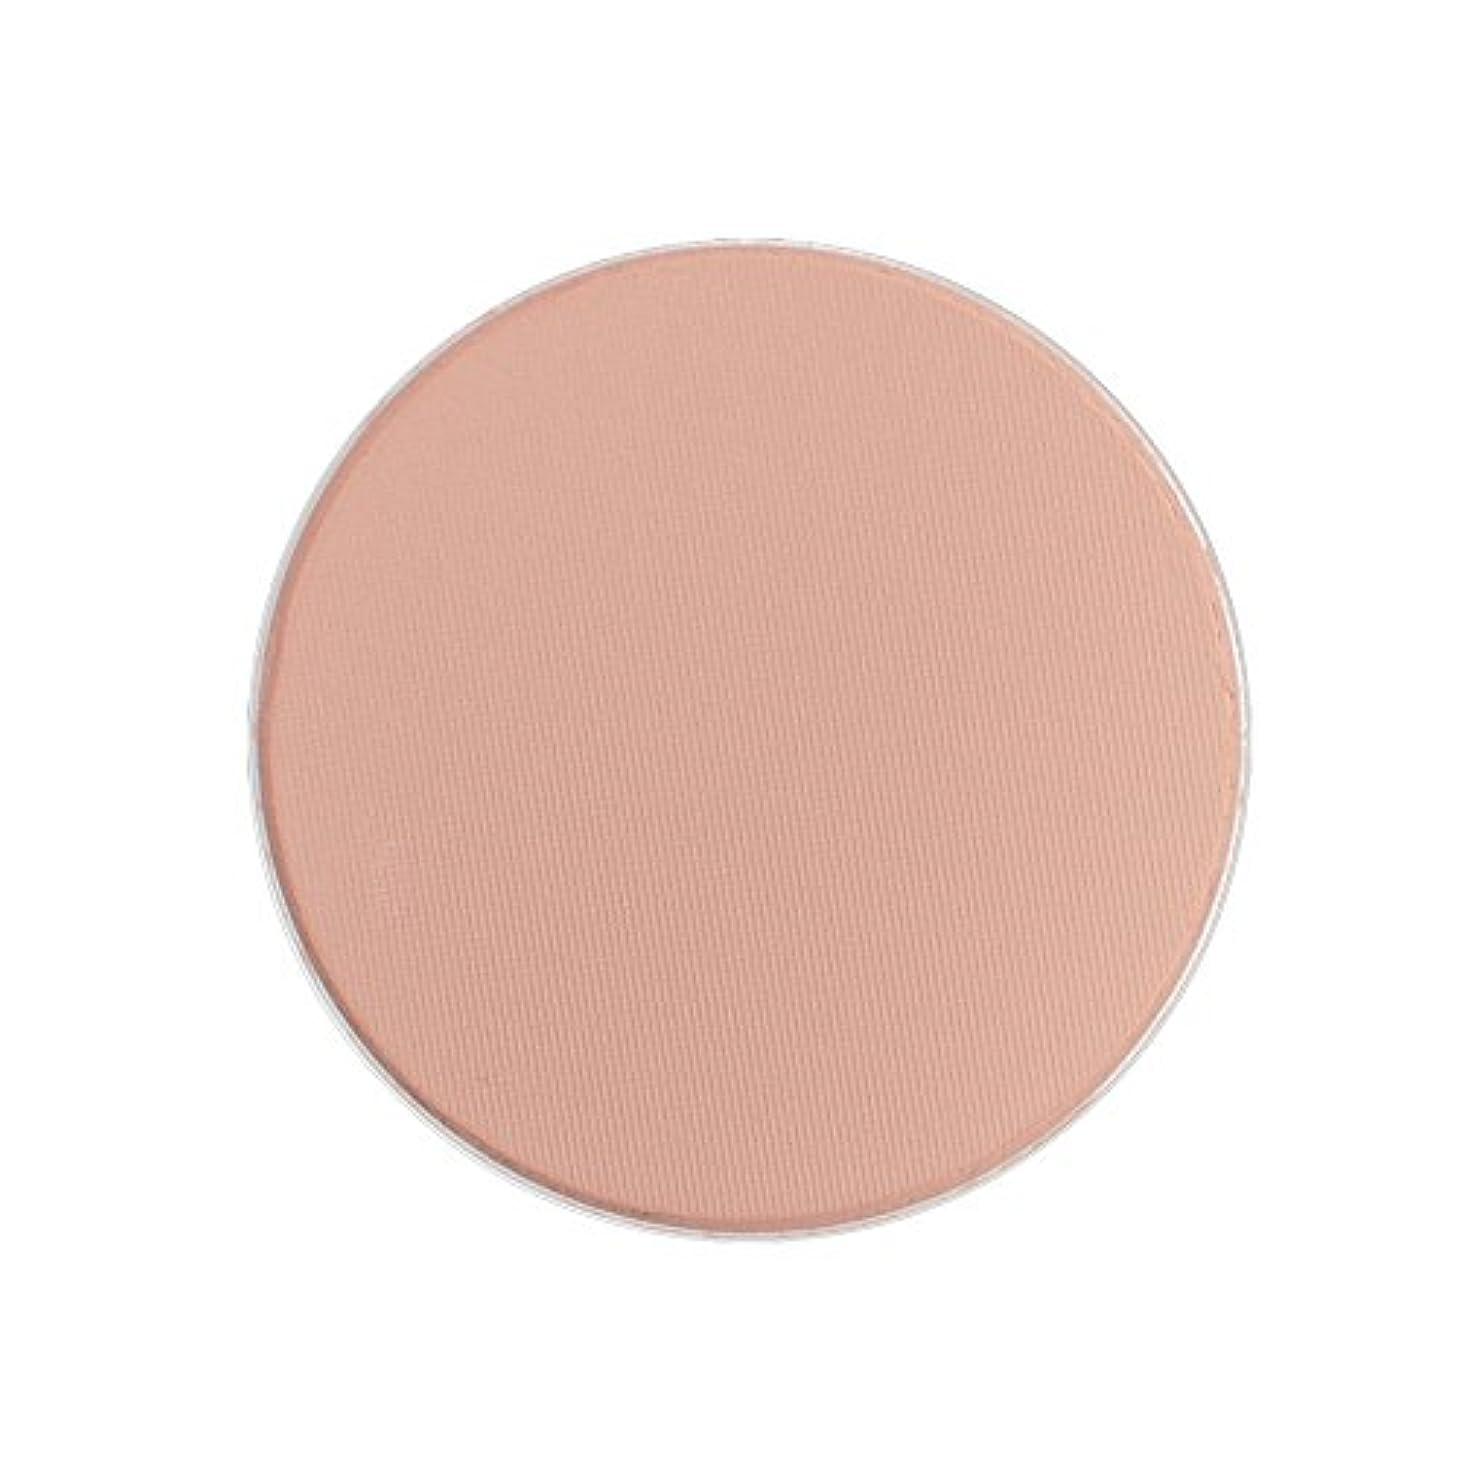 バンケットのど寝室を掃除するリマナチュラル ピュアUVモイスチャーパクト 詰替用 216 ピンク